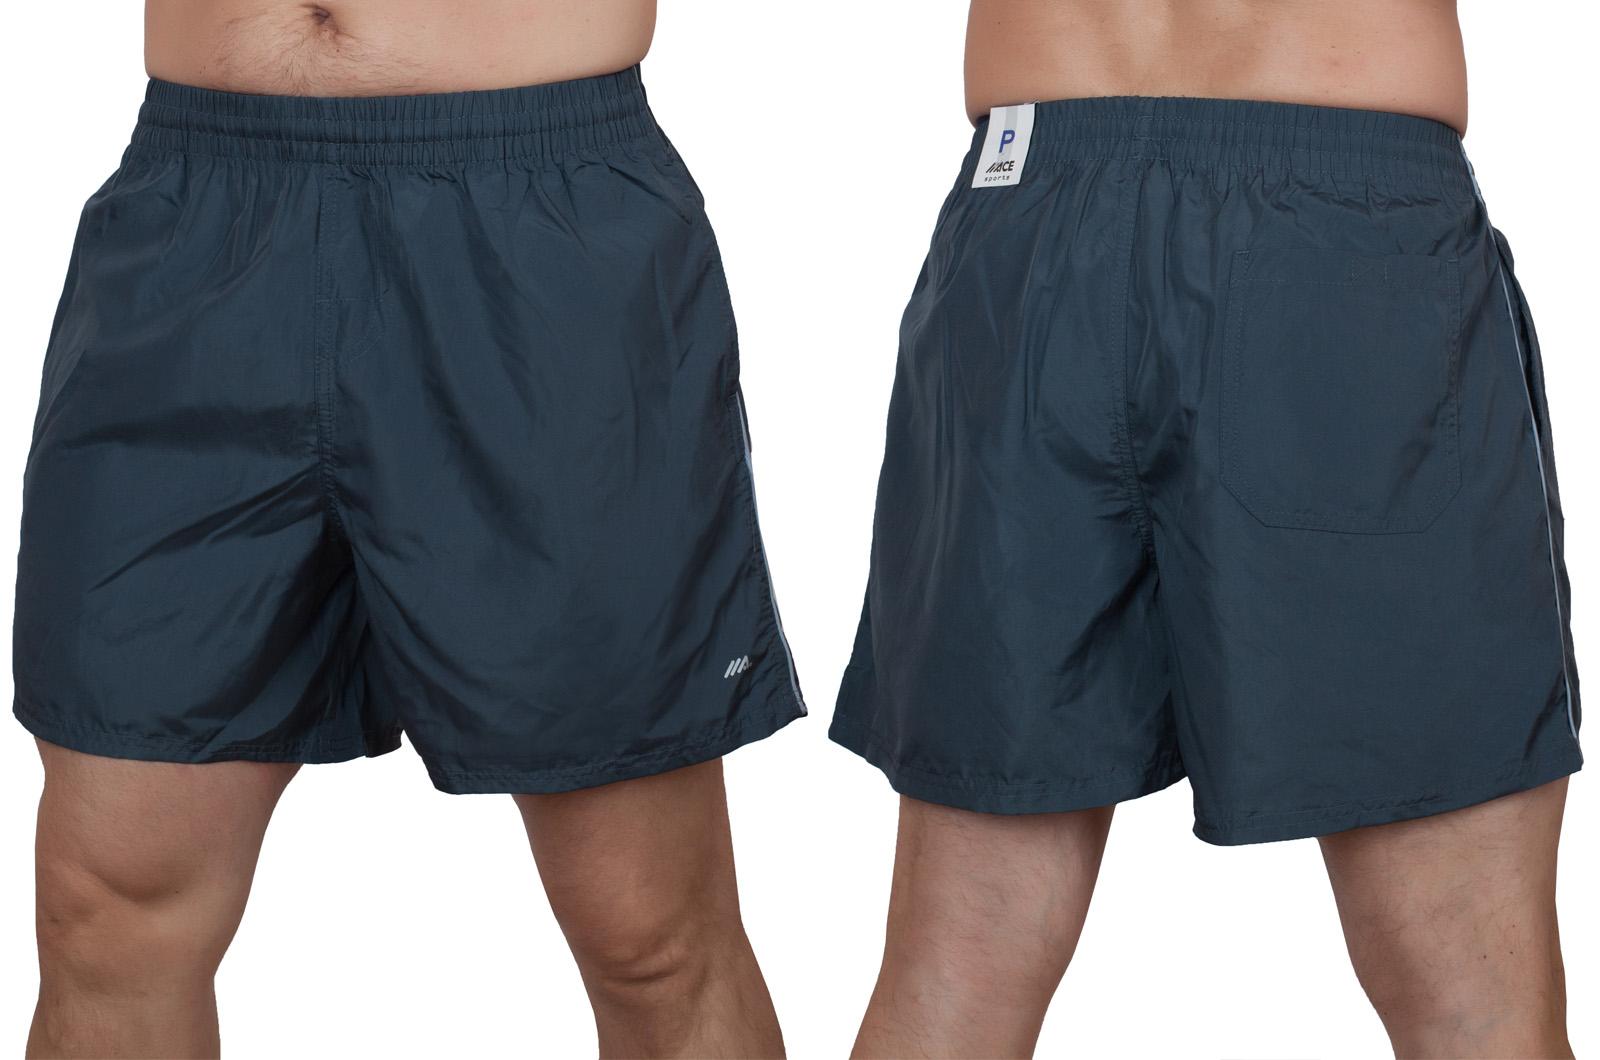 Лучшие пляжные шорты для мужчин от MACE (Канада) с доставкой